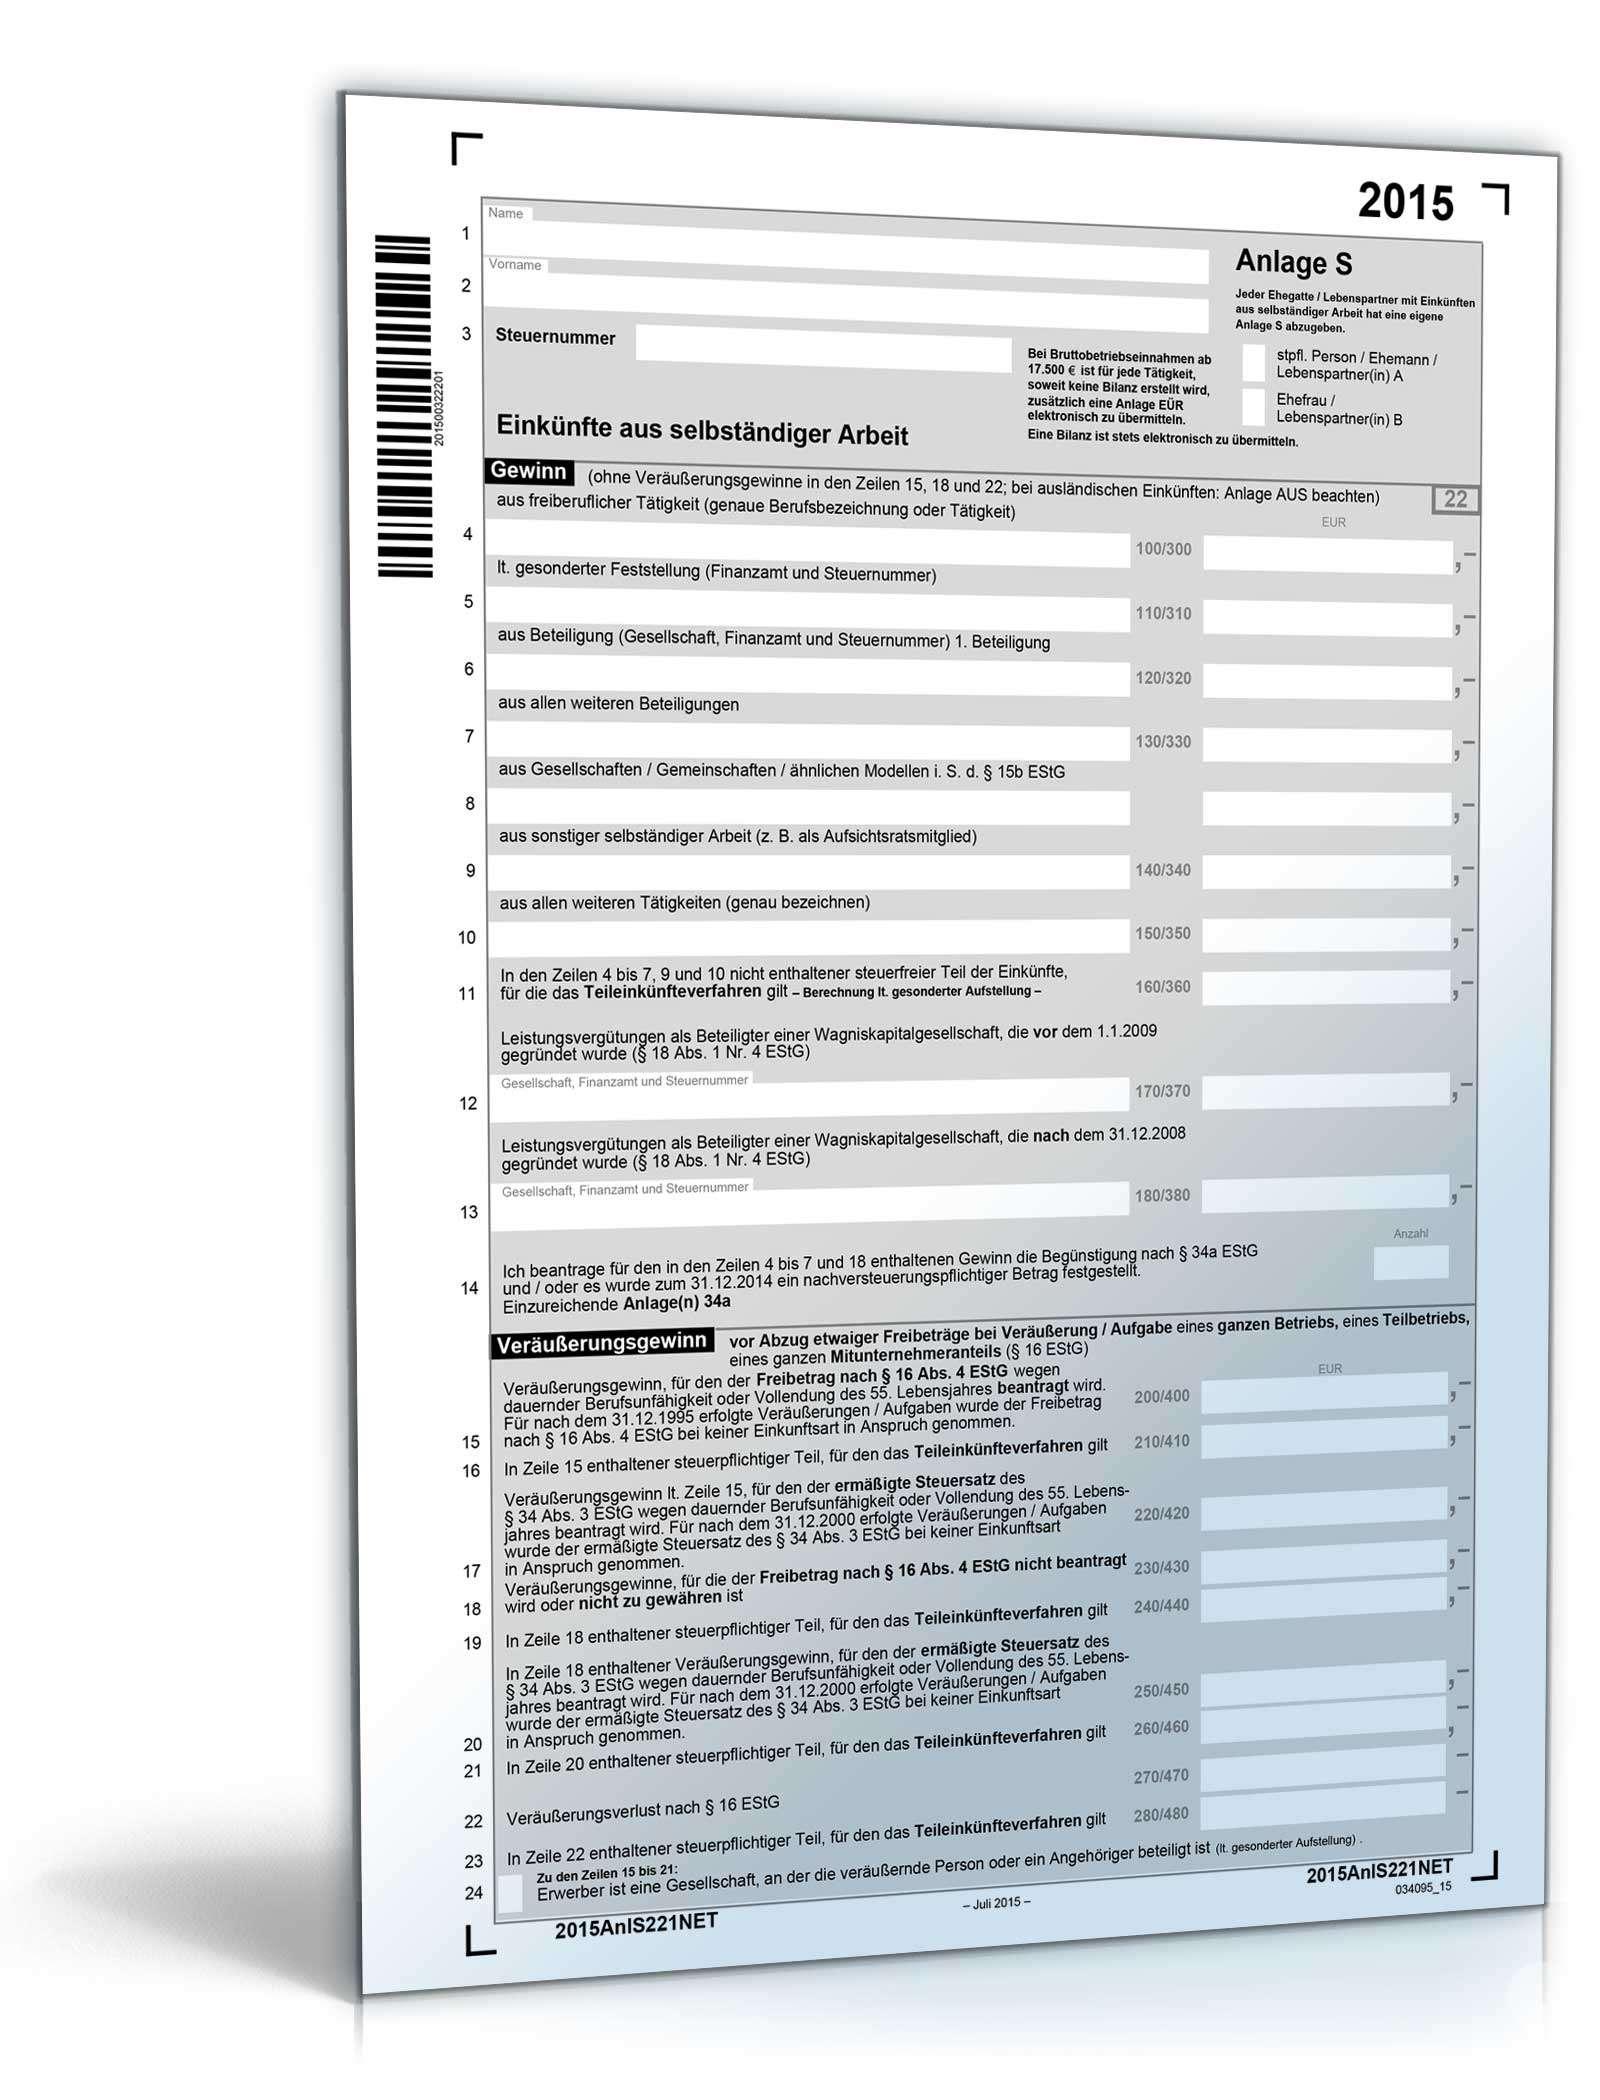 Anlage S 2015 Dokument zum Download